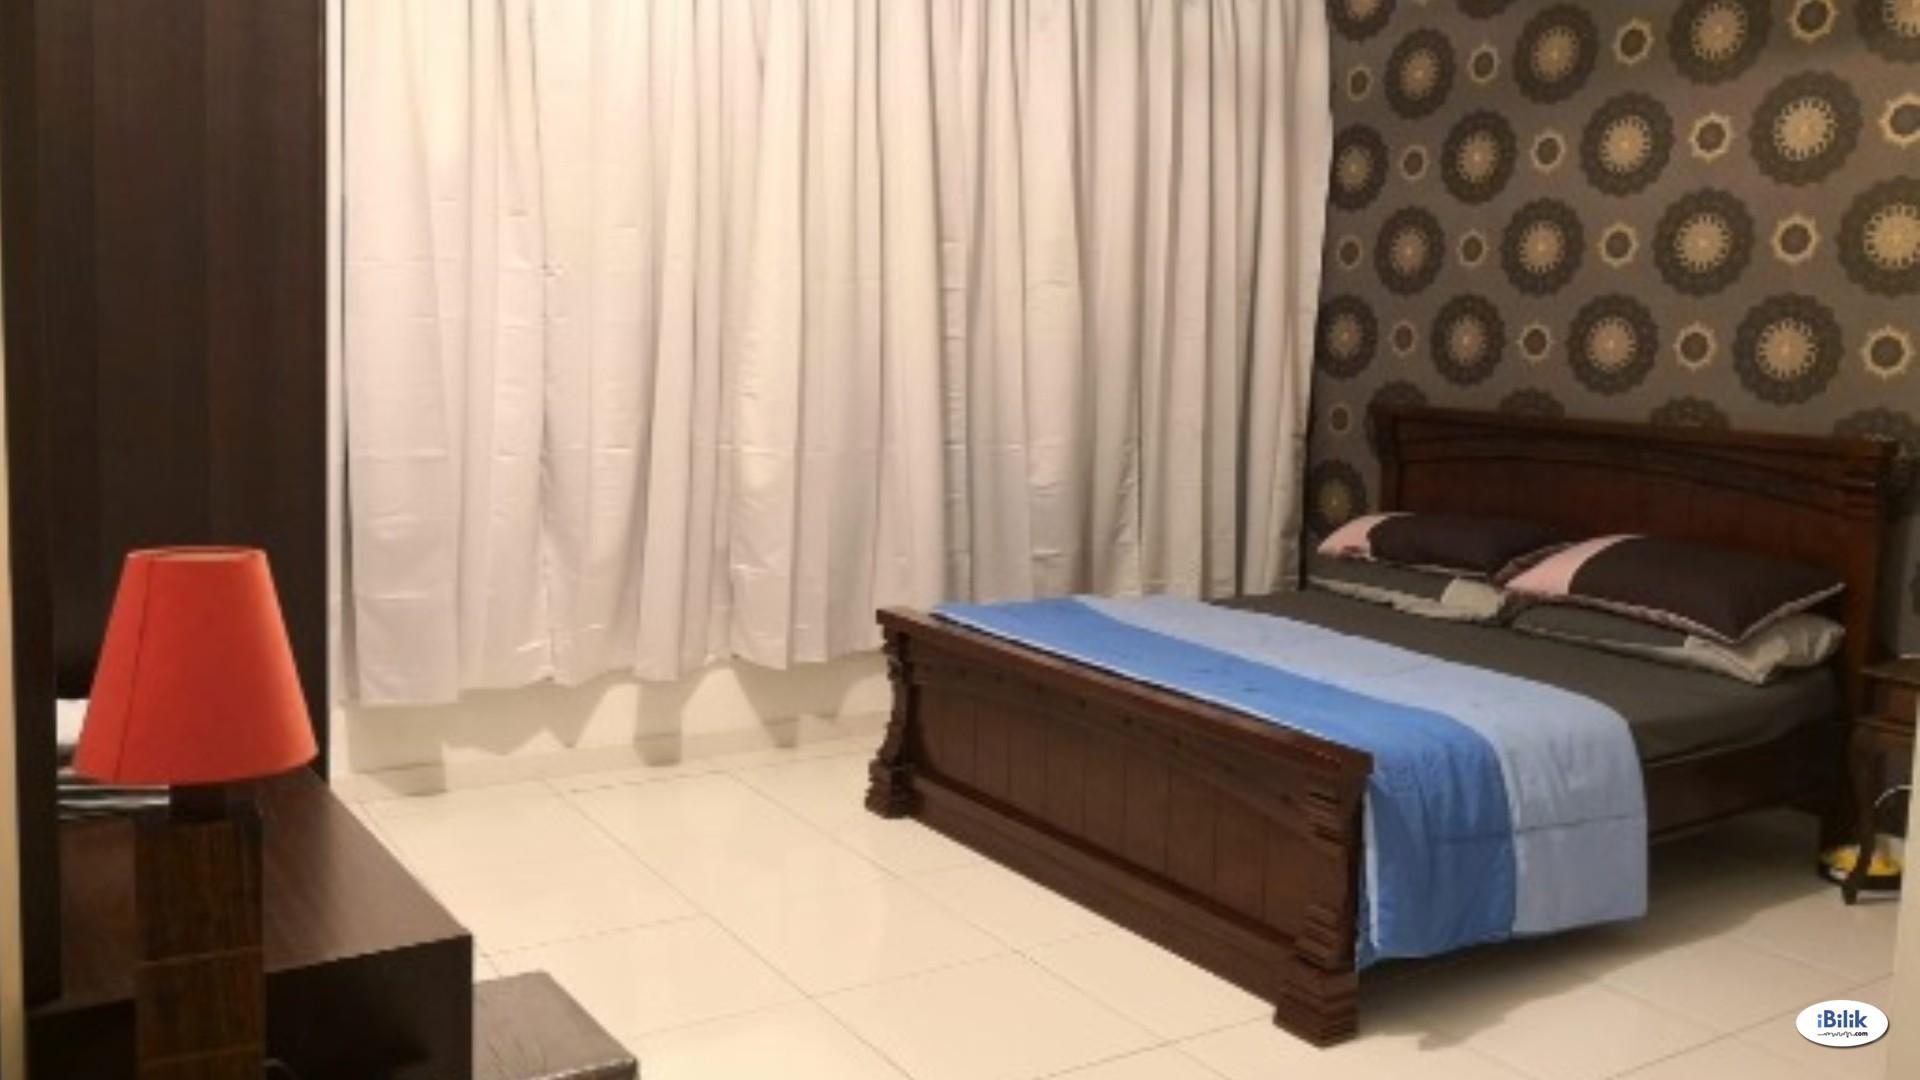 Master Room at Bukit Indah, Johor Bahru